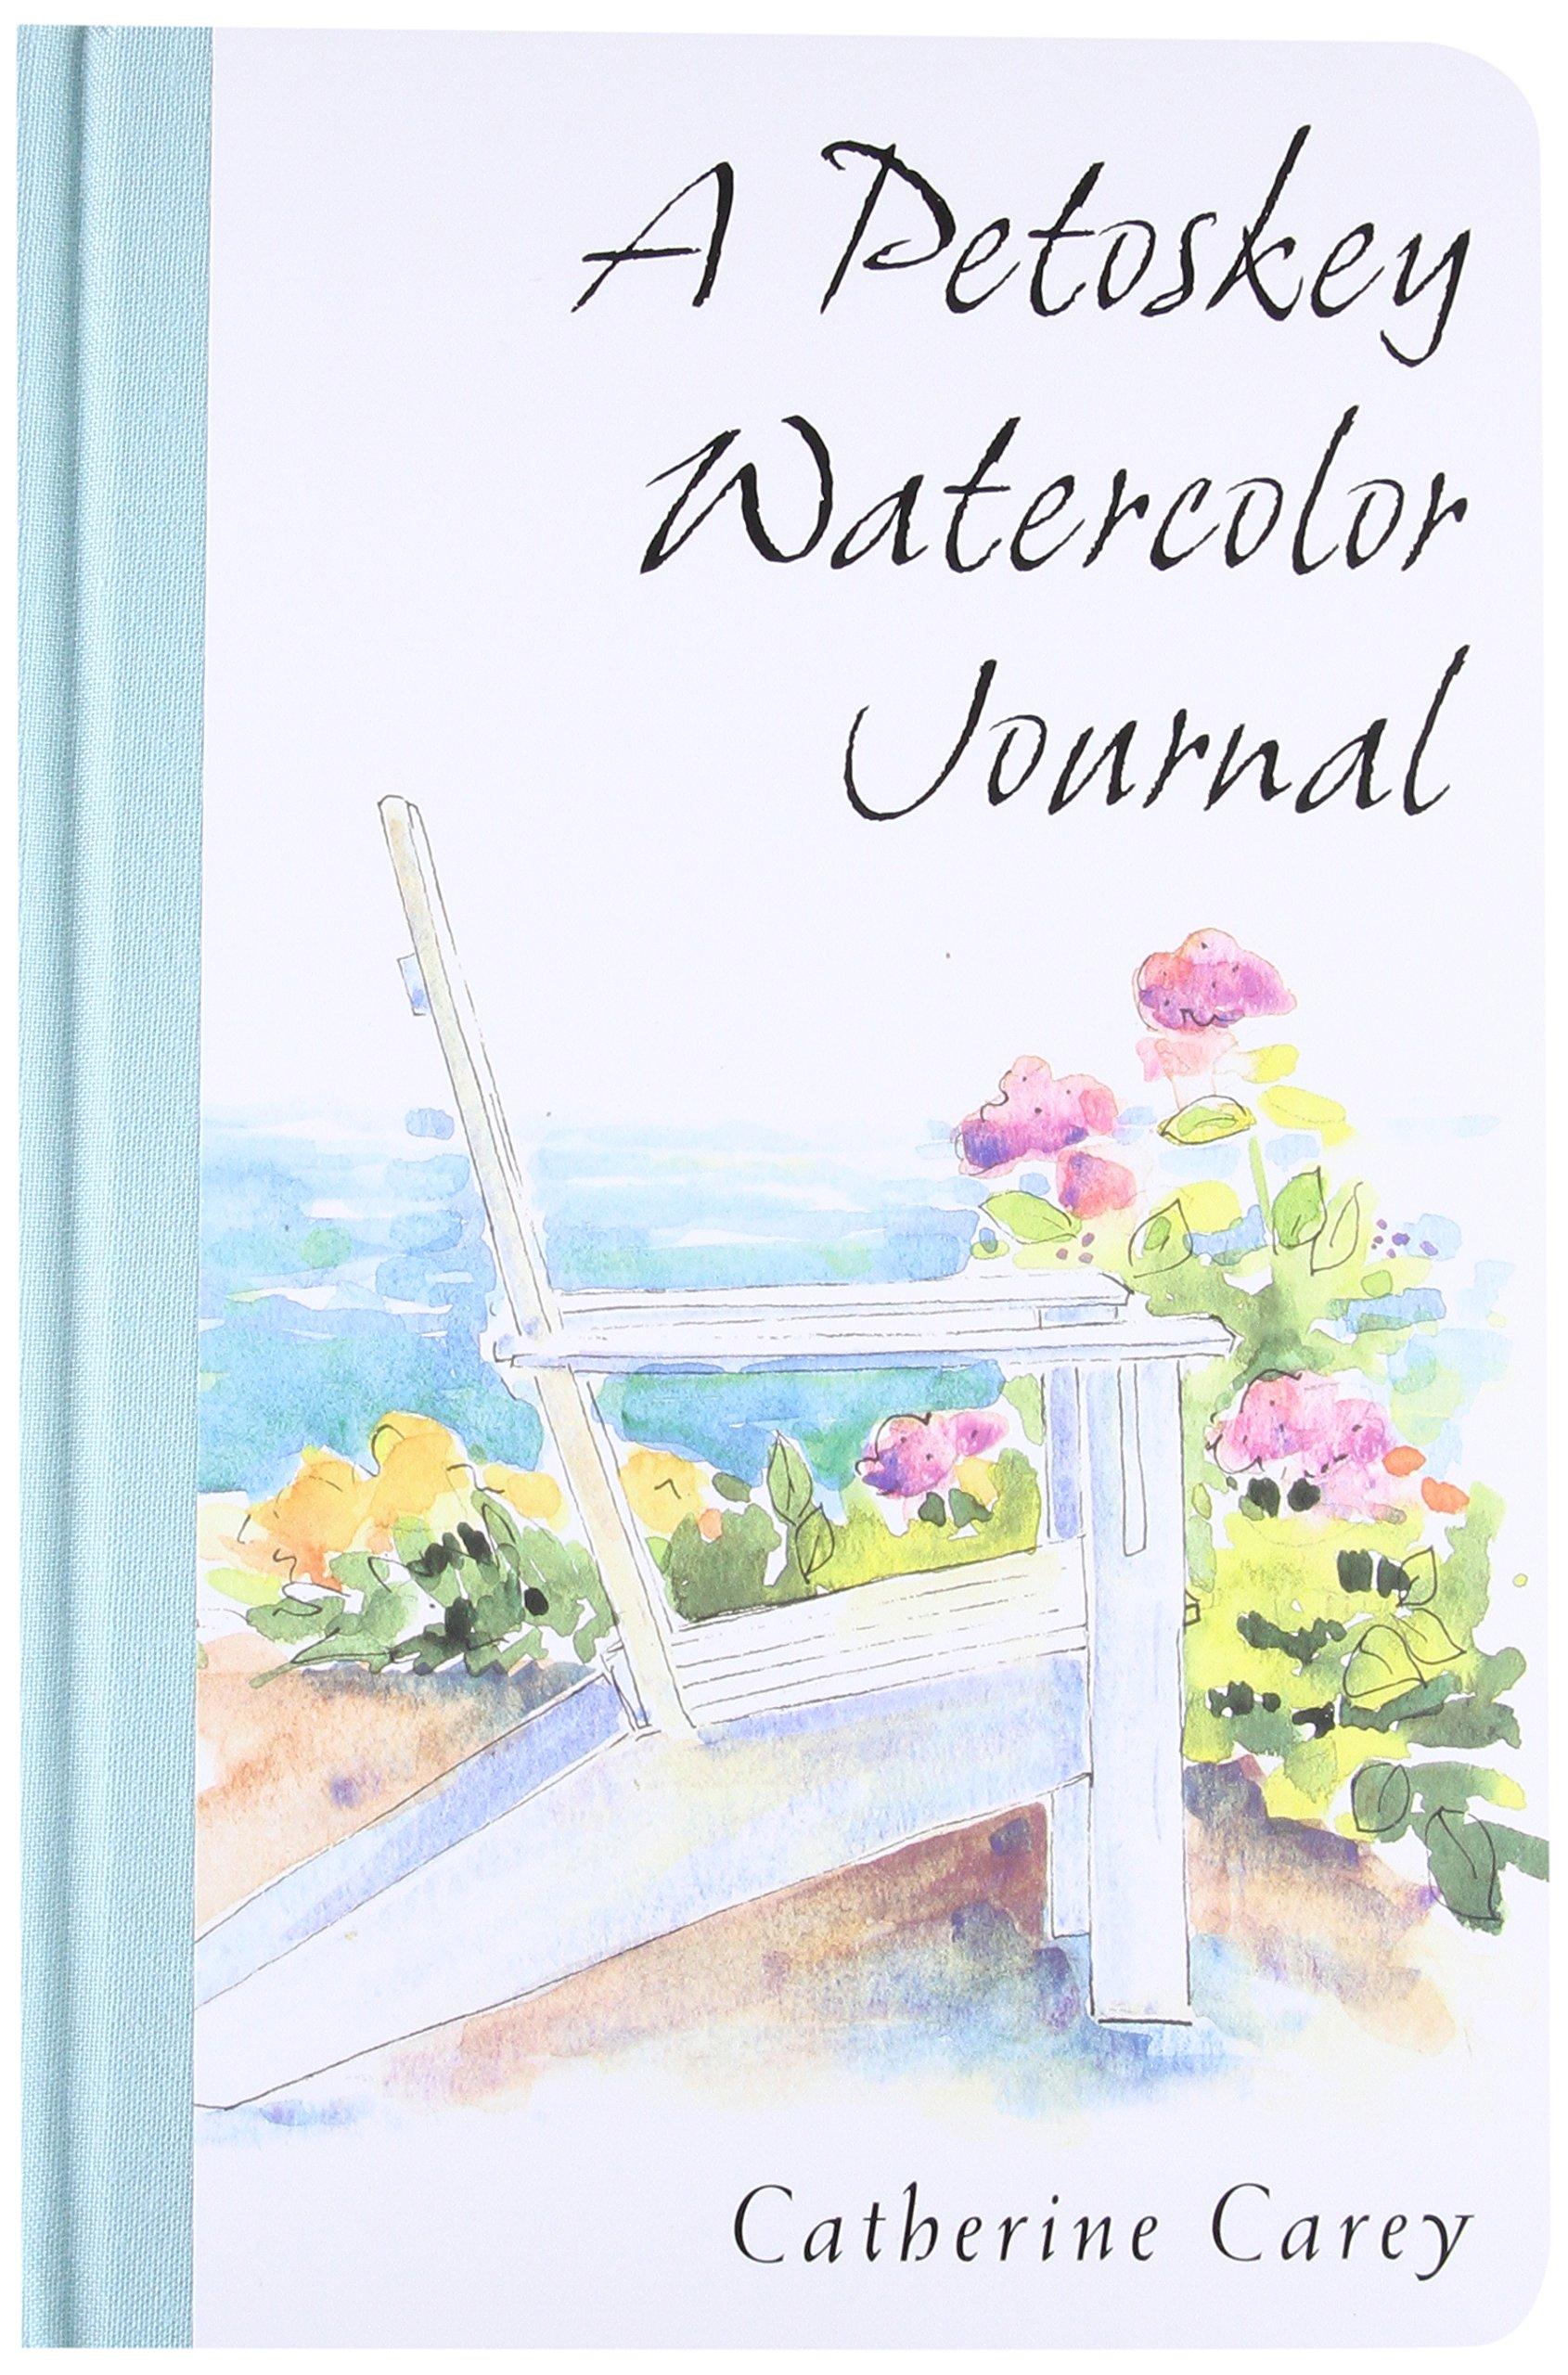 A Petoskey Watercolor Journal